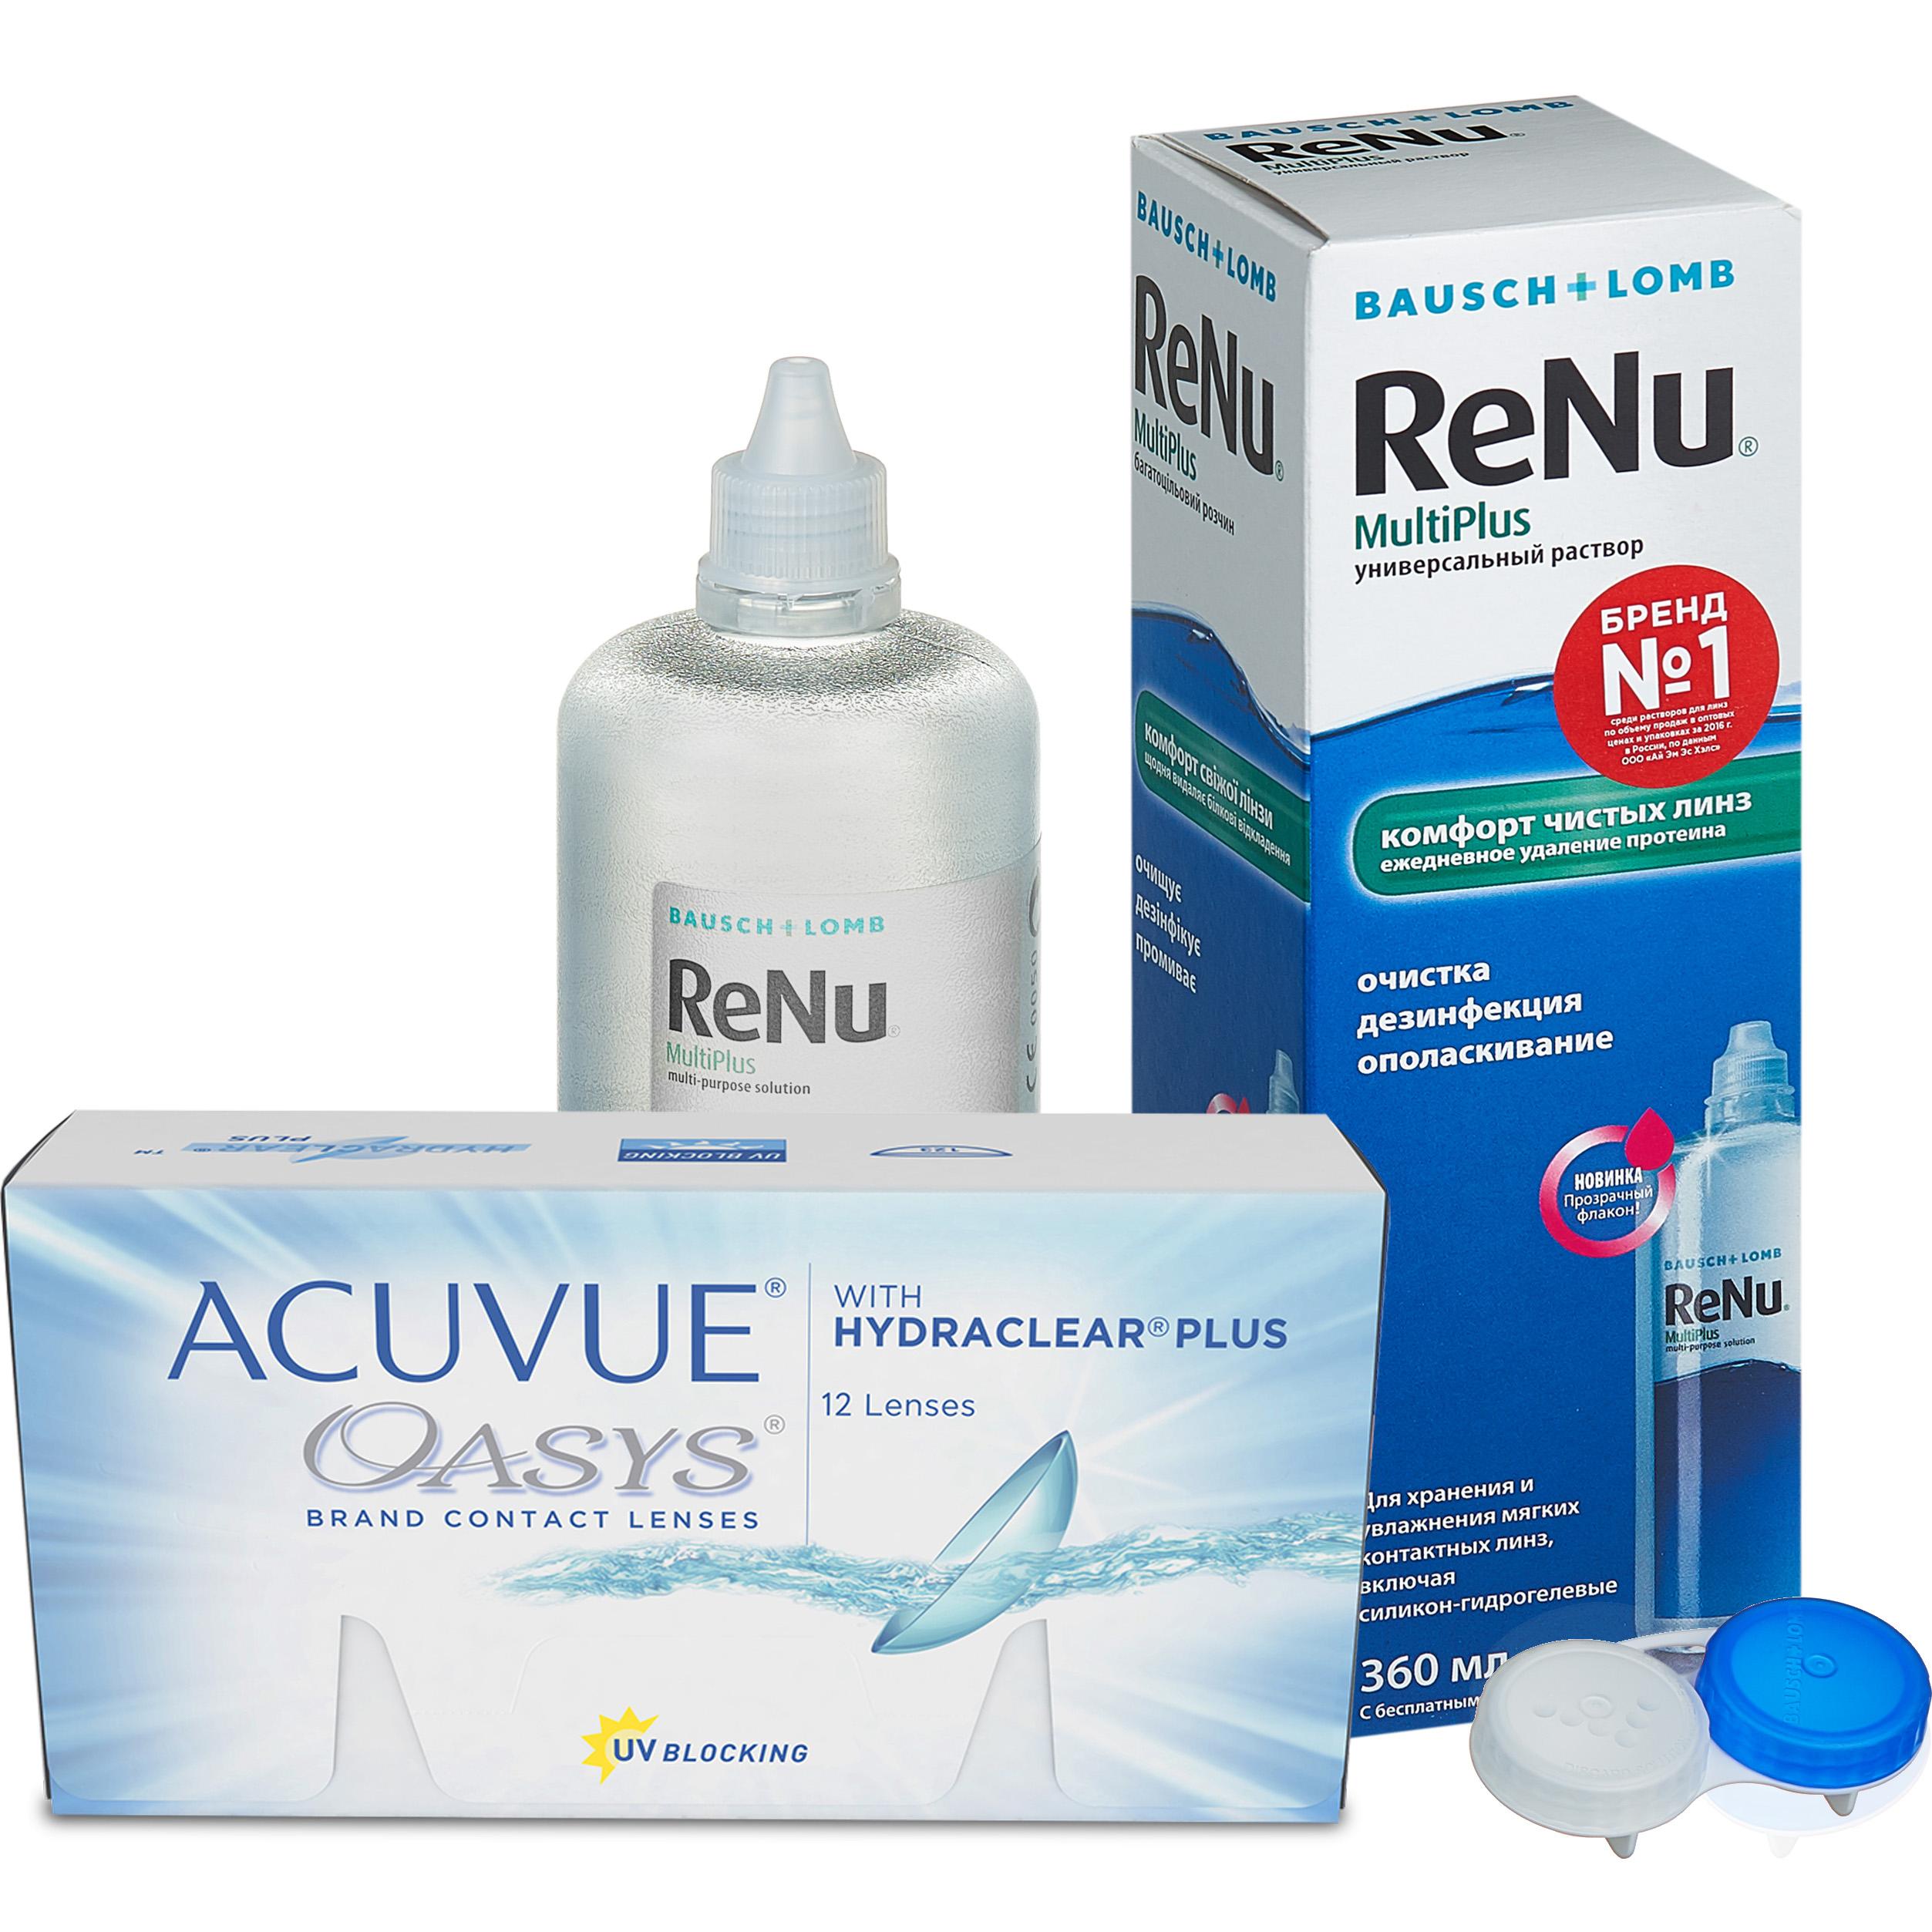 Купить Oasys with Hydraclear Plus 12 линз + ReNu MultiPlus, Линзы Acuvue Oasys with Hydraclear Plus 12 линз R 8.4 +5, 25 + ReNu Multi Plus 360 мл